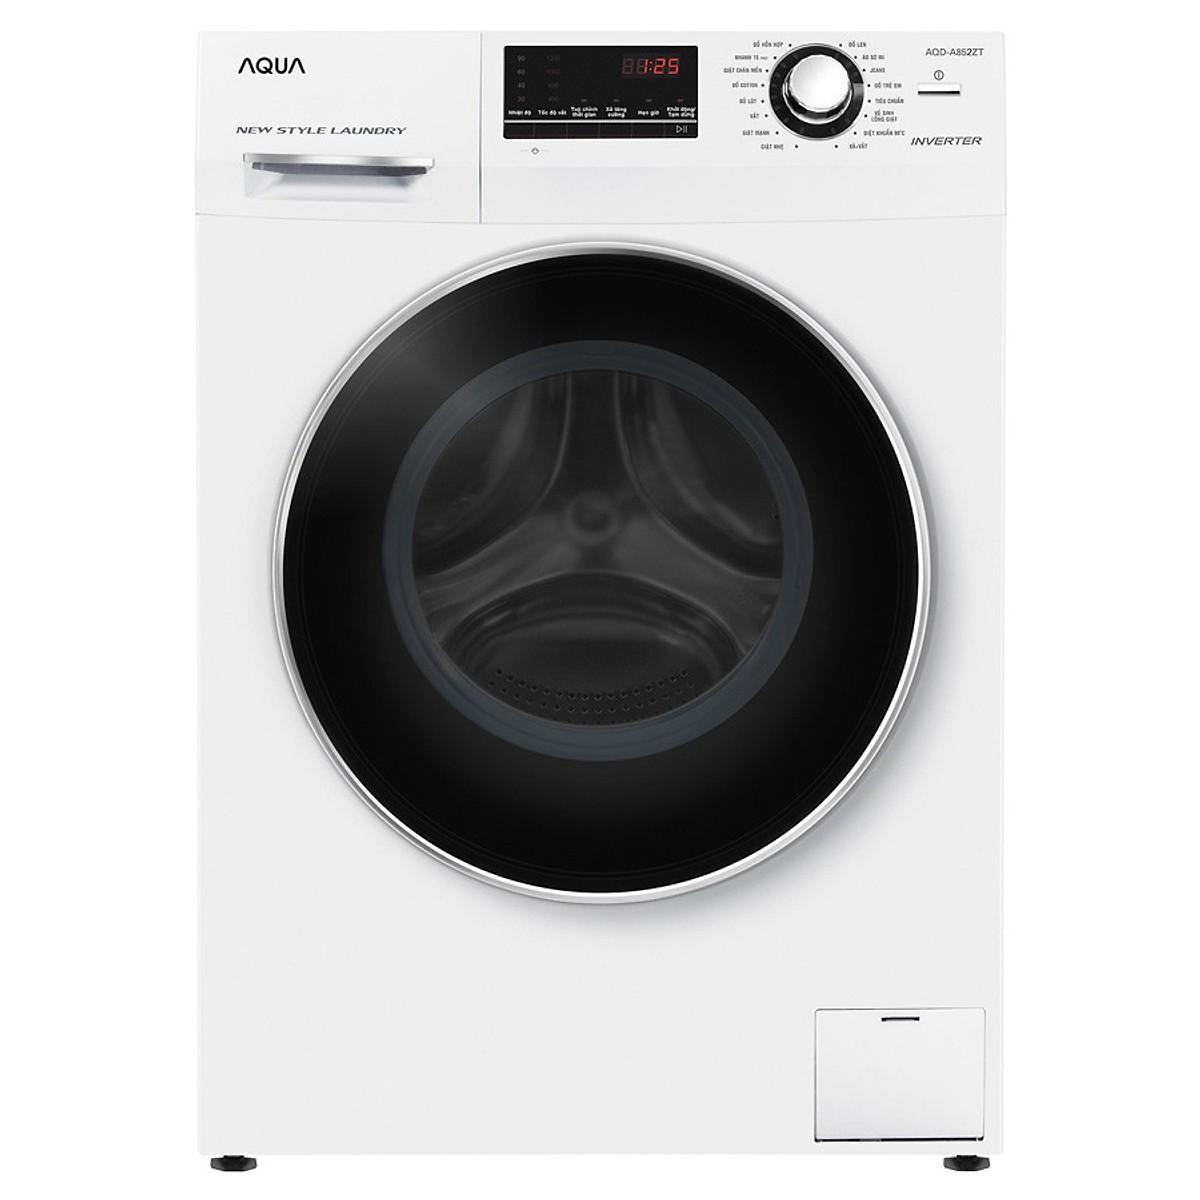 Máy giặt Aqua 10 Kg AQD-D1000A - Hàng Chính Hãng + Tặng Bình Đun Siêu Tốc